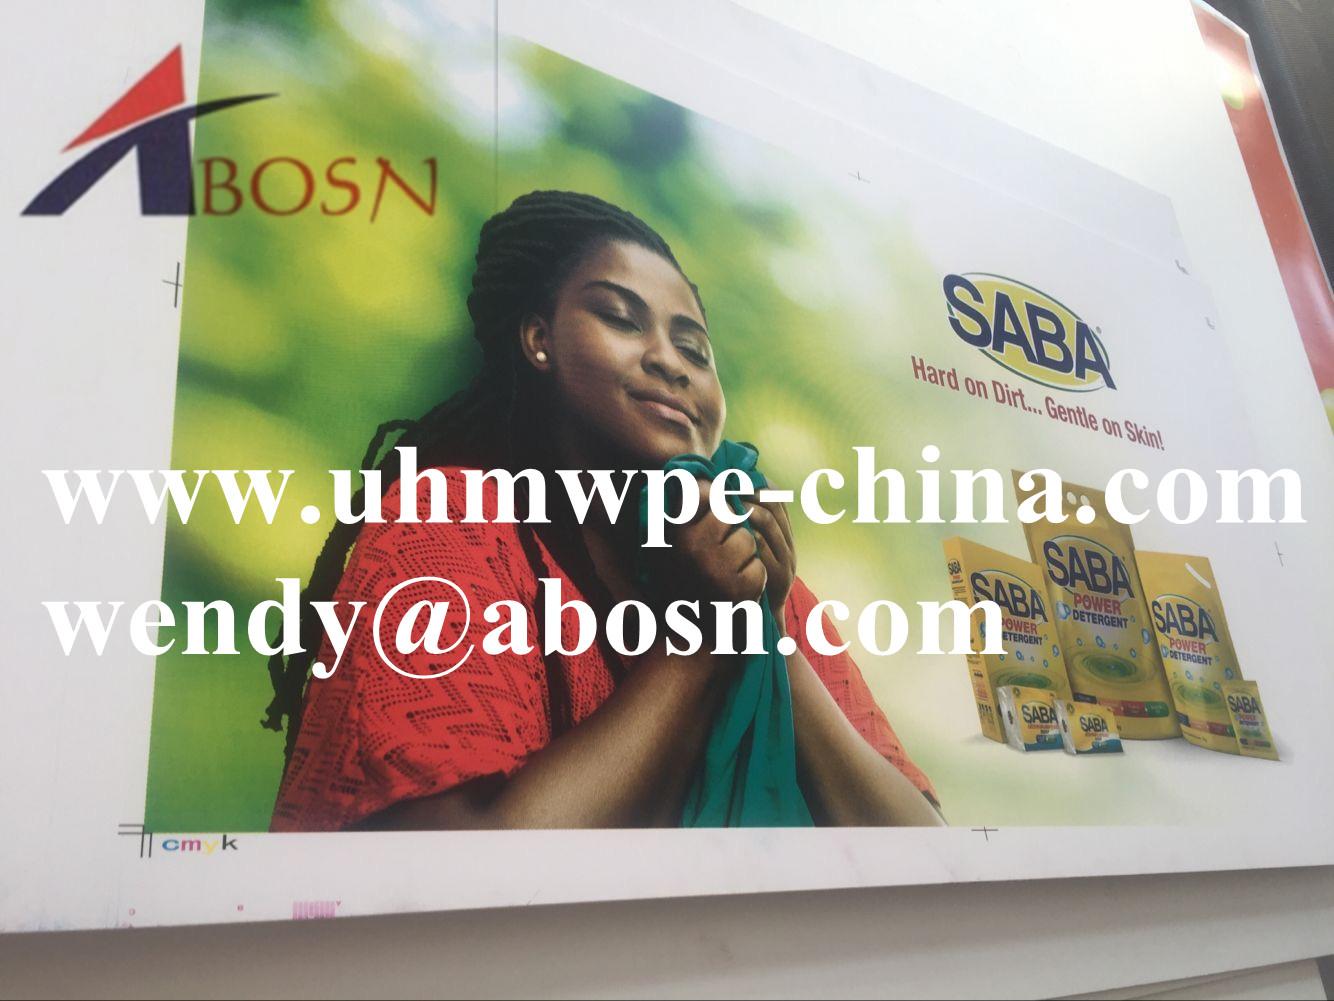 Advertising boards, Hoarding boards, Correx & Foam Board Printing